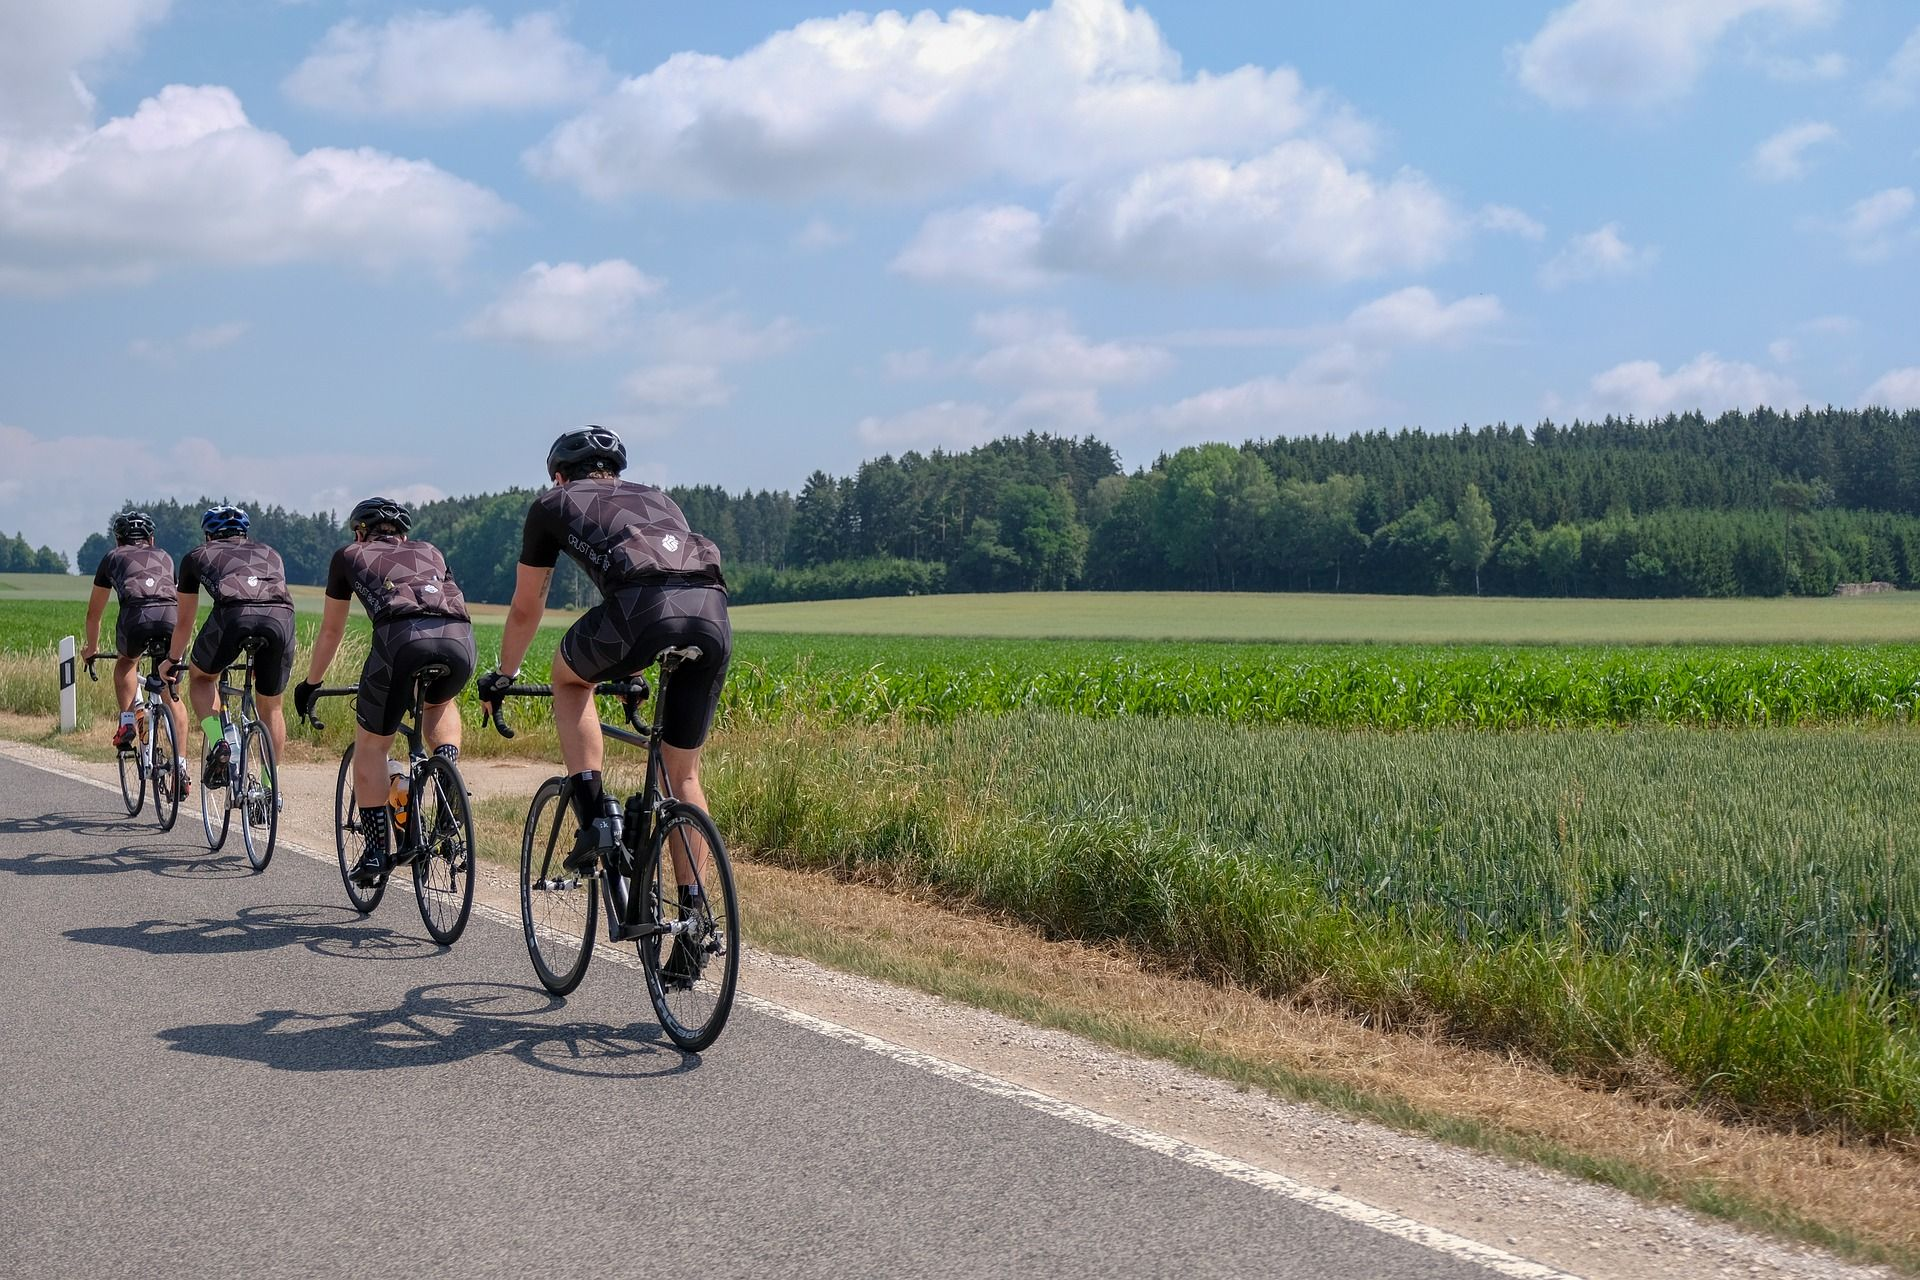 Road Bike 3469499 1920